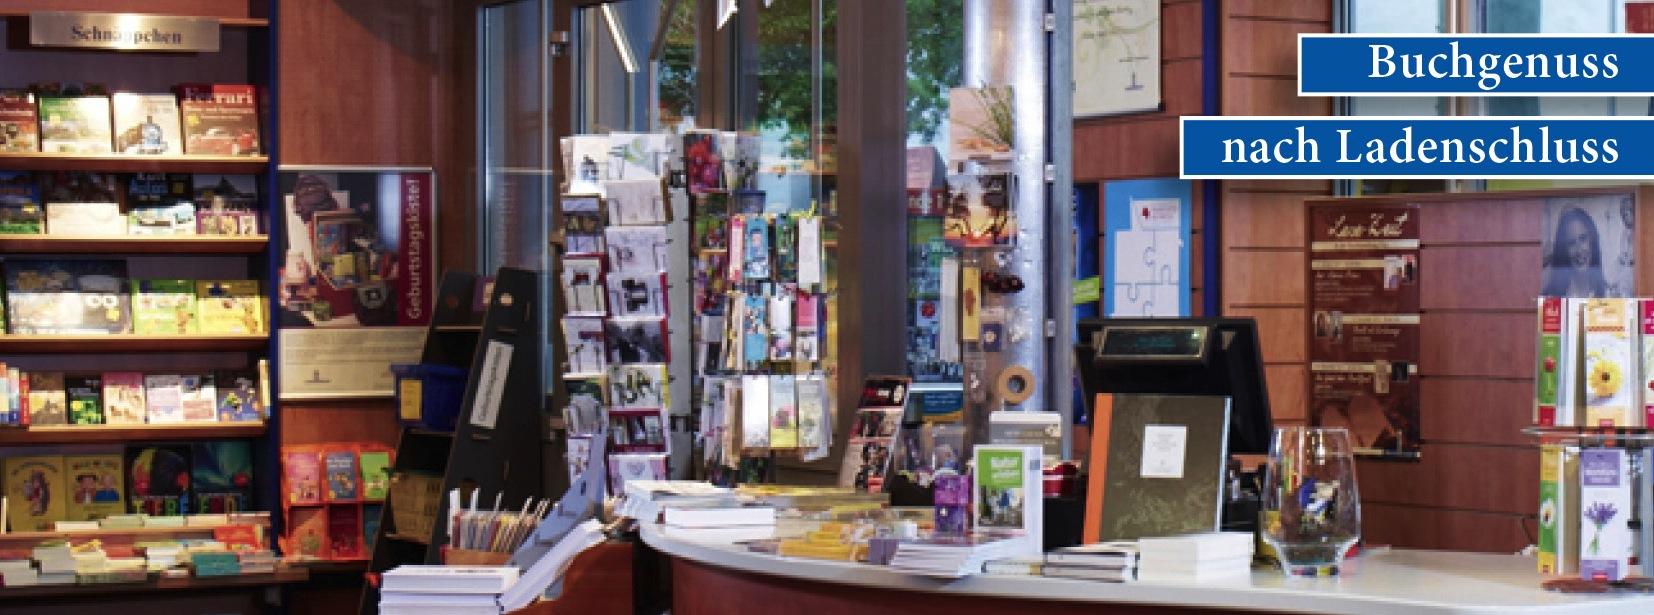 Bild von Frauen unterwegs – Buchgenuss nach Ladenschluss